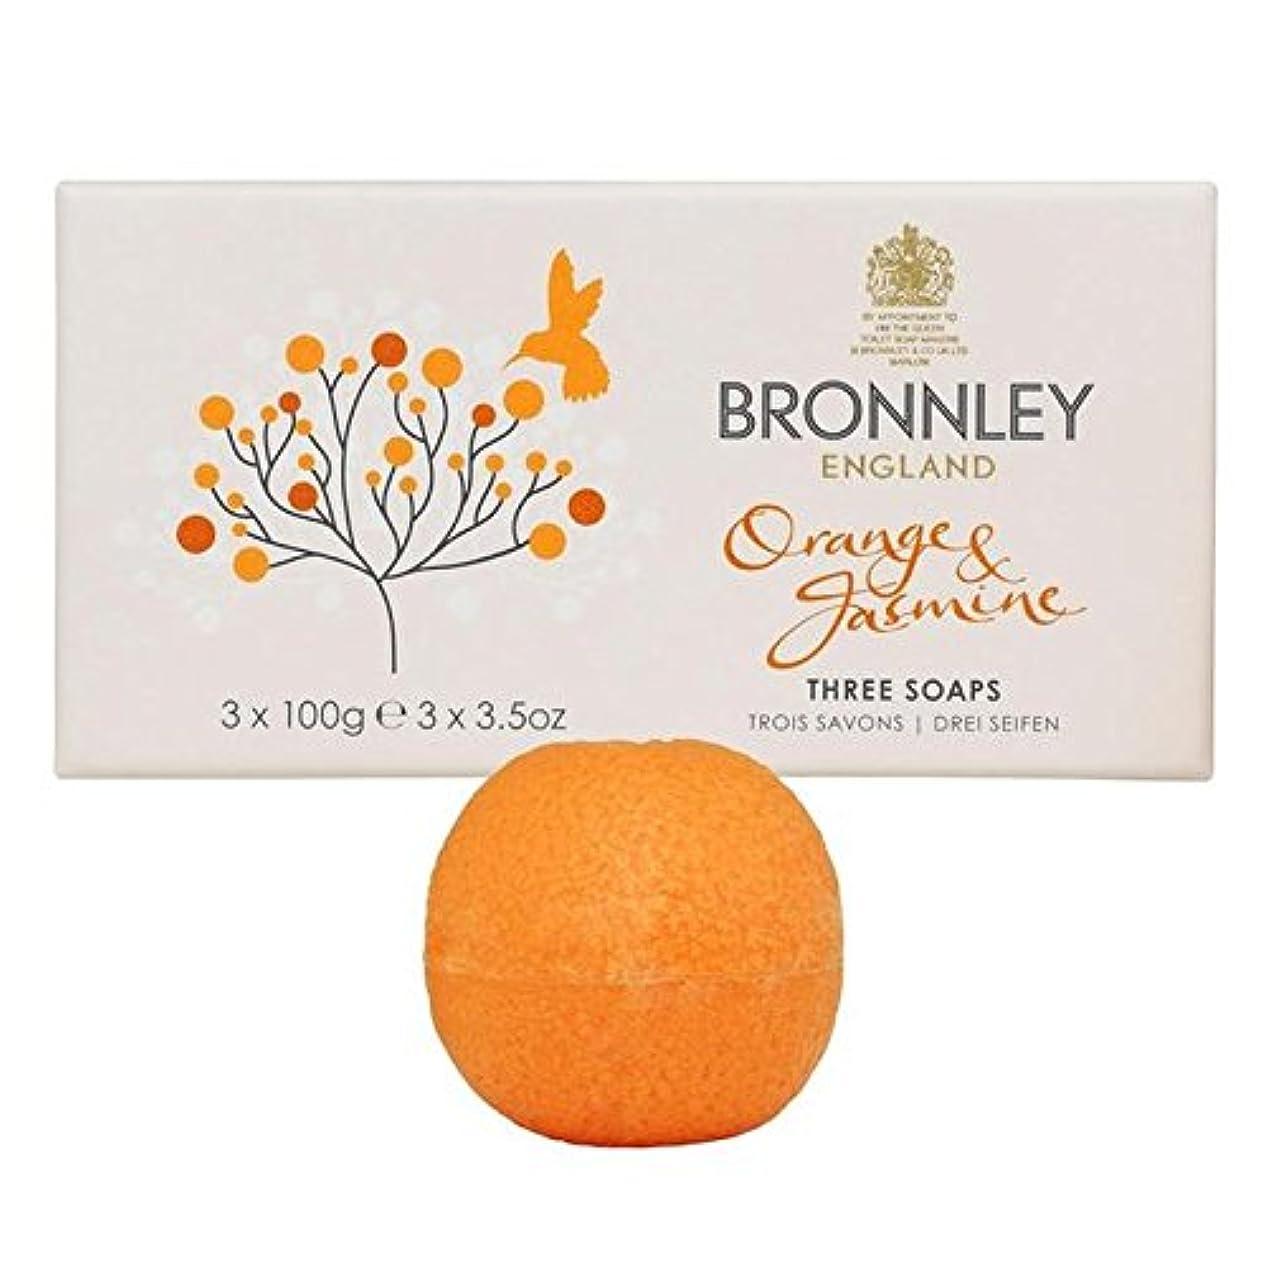 右マニフェスト展望台Bronnley Orange & Jasmine Soaps 3 x 100g - オレンジ&ジャスミン石鹸3×100グラム [並行輸入品]